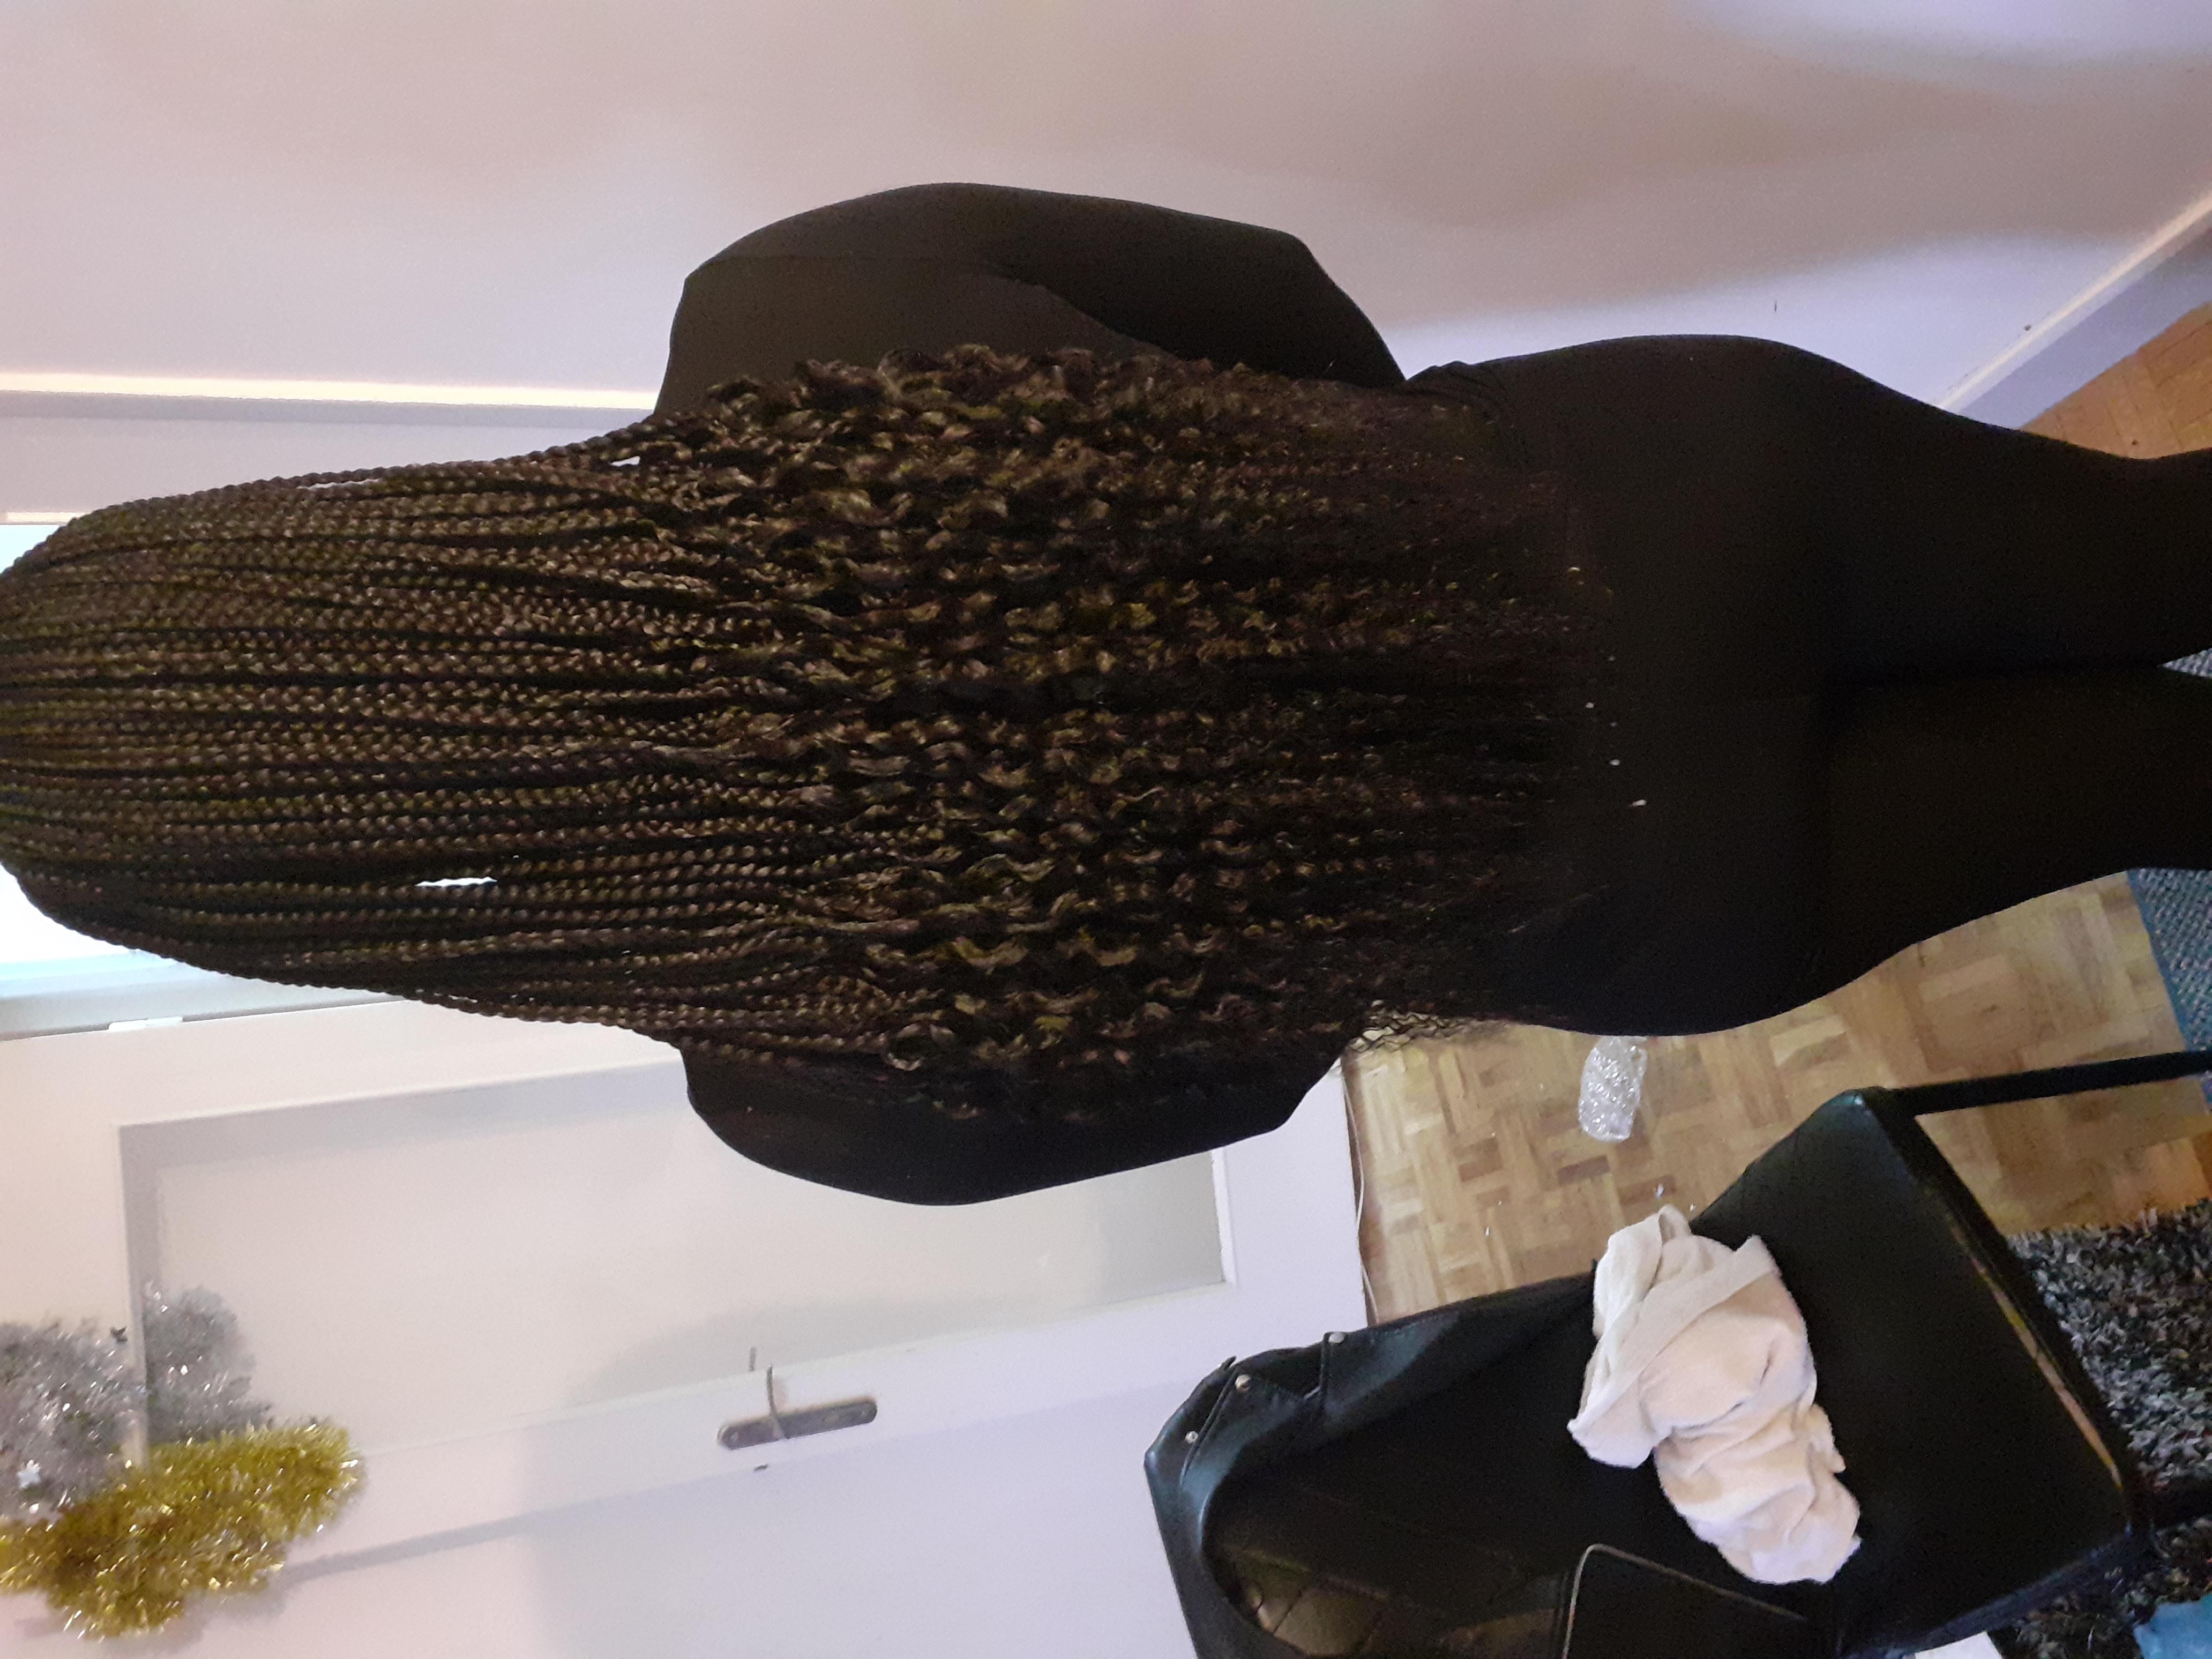 salon de coiffure afro tresse tresses box braids crochet braids vanilles tissages paris 75 77 78 91 92 93 94 95 JWAZASWB